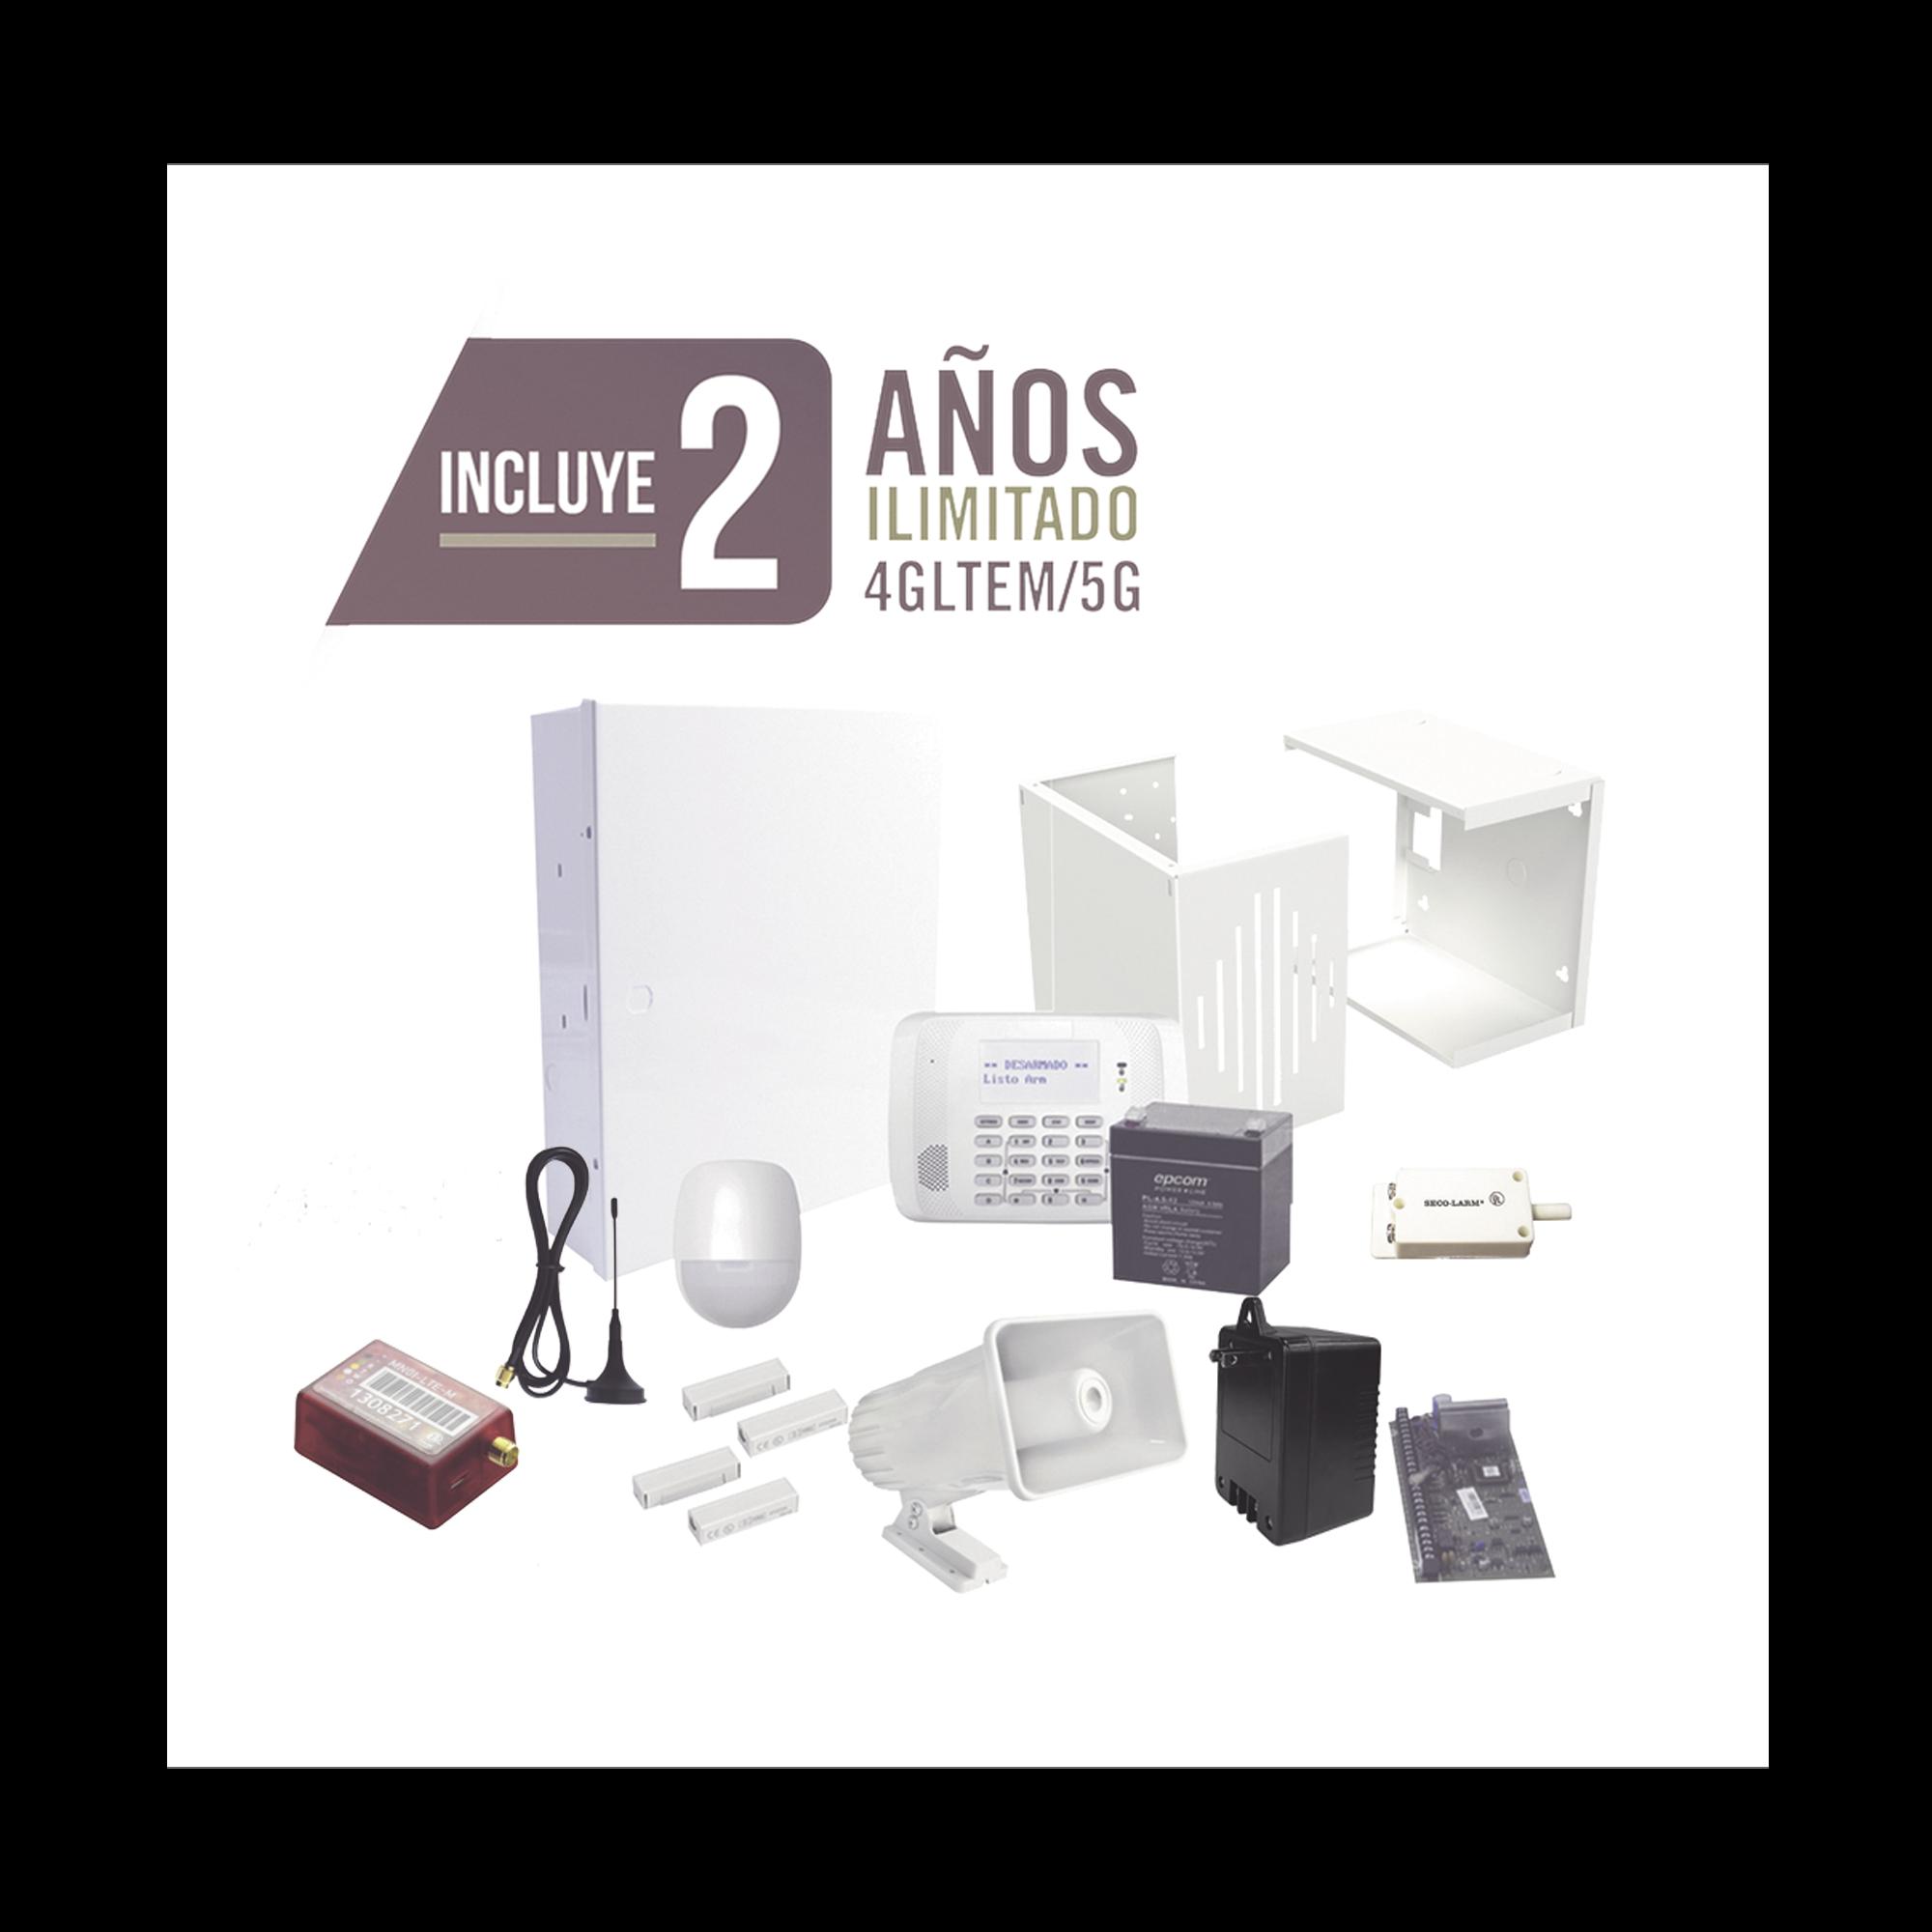 KIT de Alarma con 2 AñOS de Comunicación Ilimitada 4GLTEM / 5G